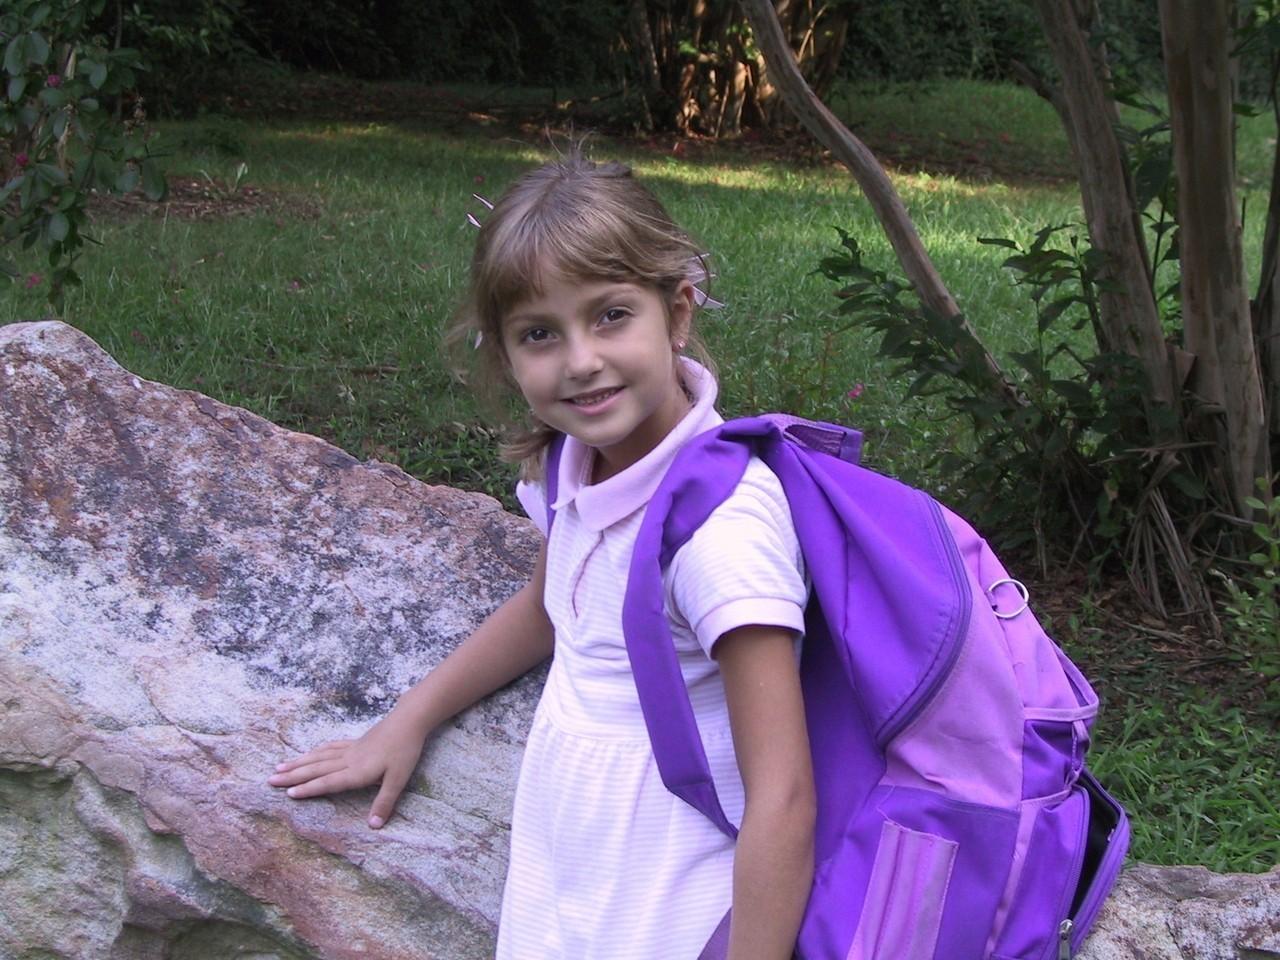 Poszukiwane są firmowe plecaki szkolne dla dziewczyn